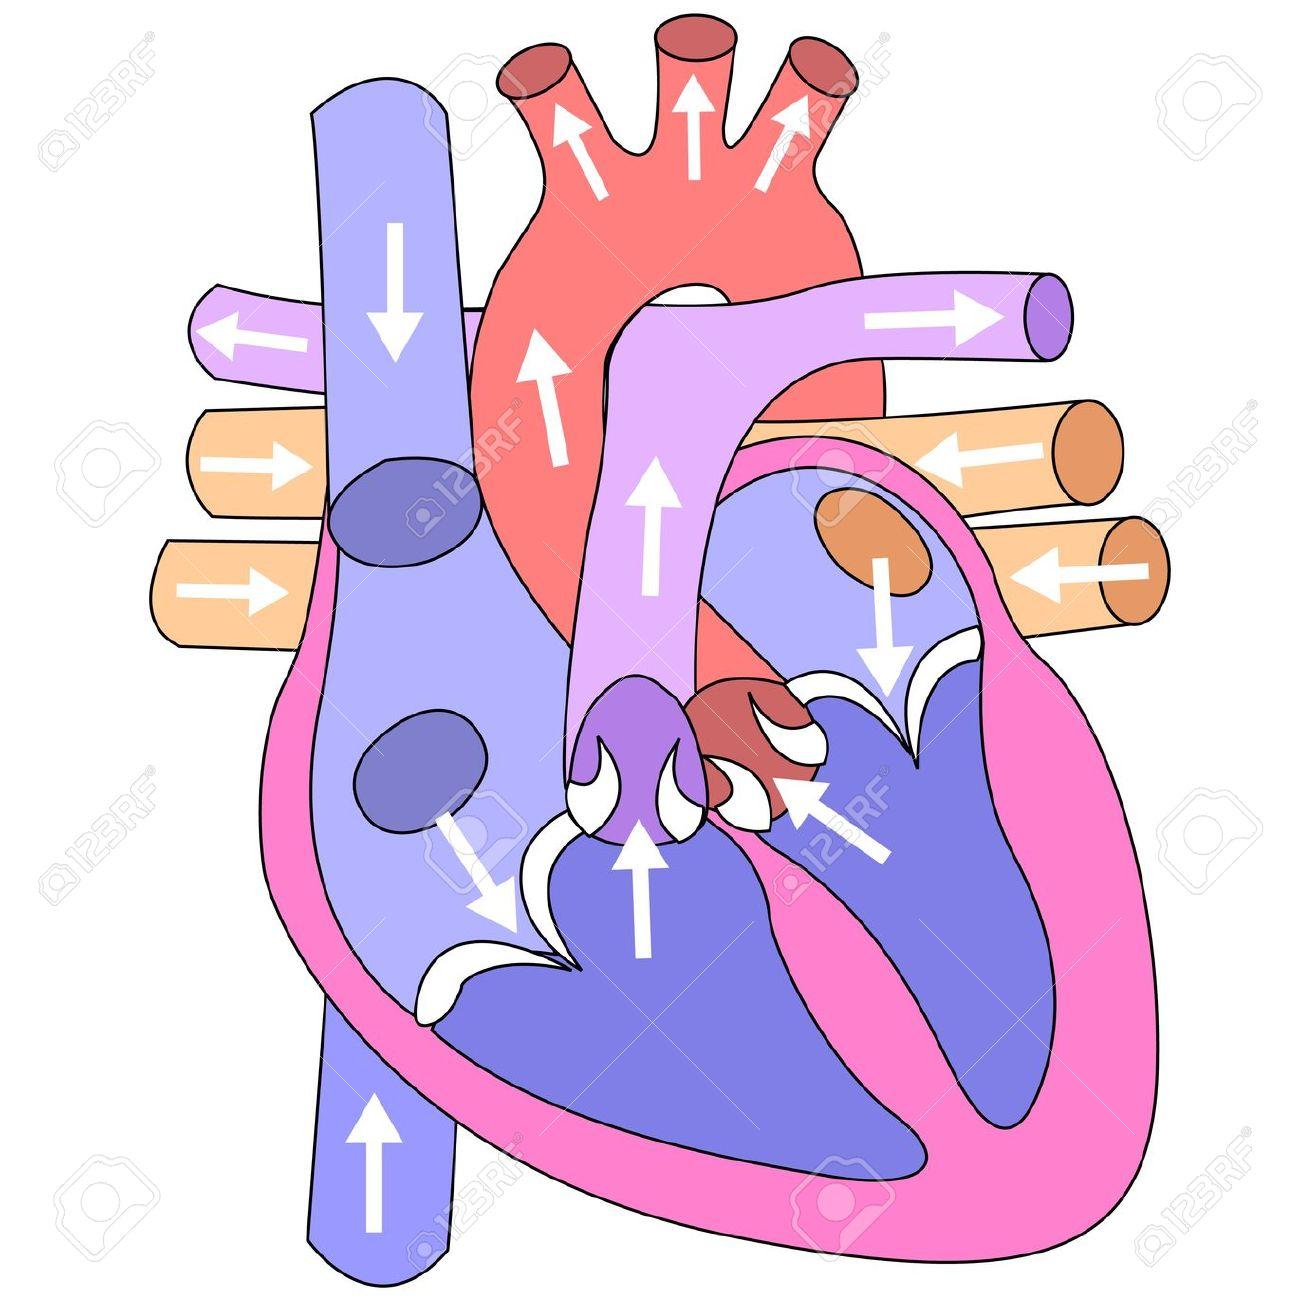 Vistoso Las Partes Del Corazón Foto - Anatomía de Las Imágenesdel ...